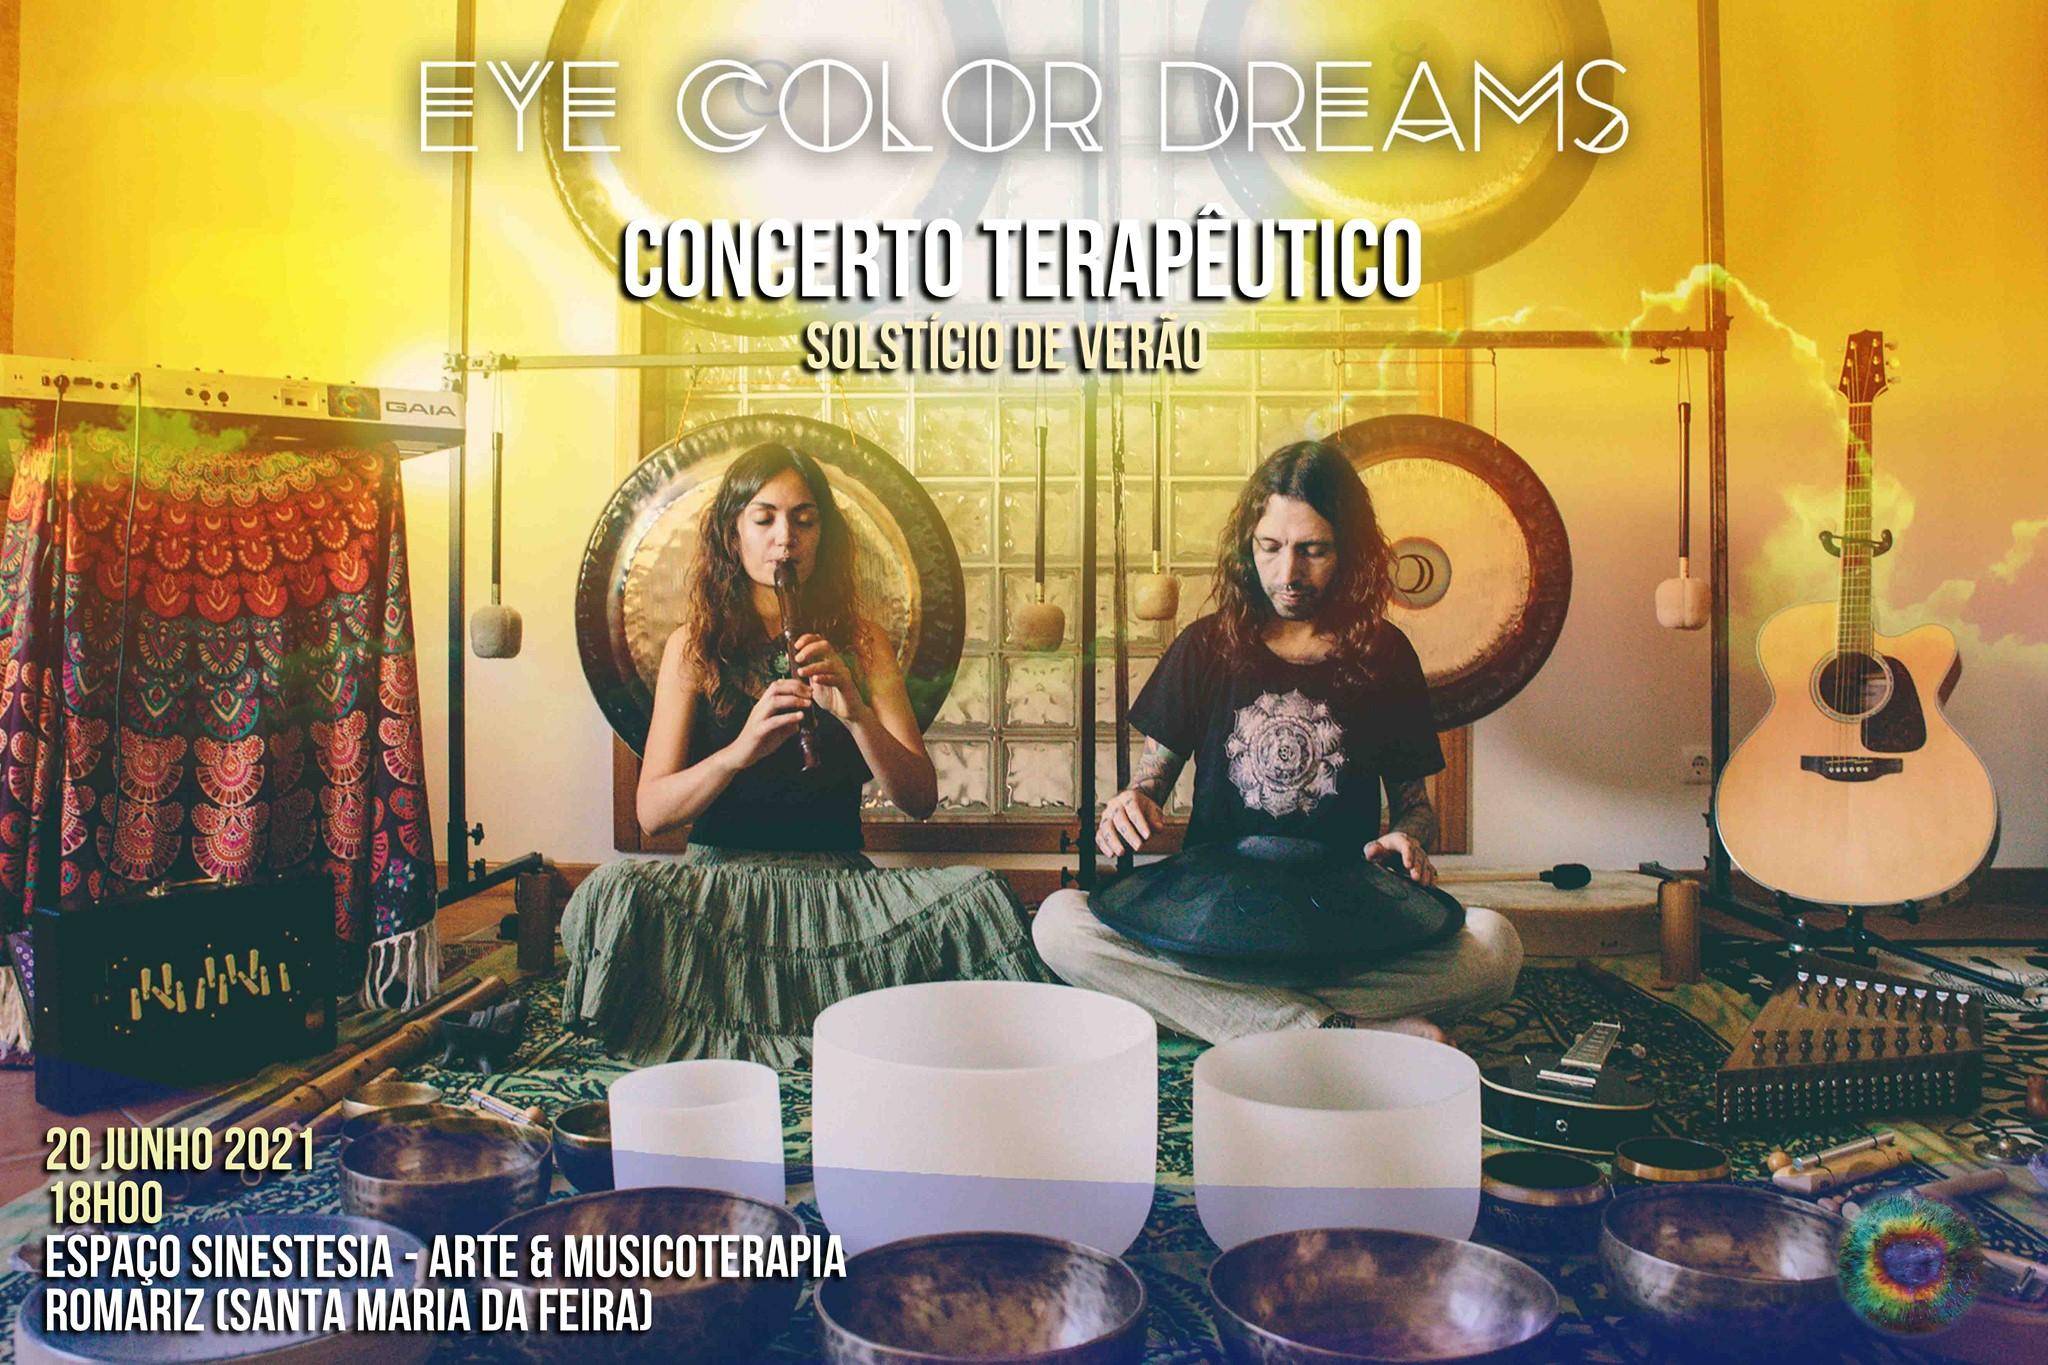 Concerto Terapêutico (Solstício de Verão) - Eye Color Dreams